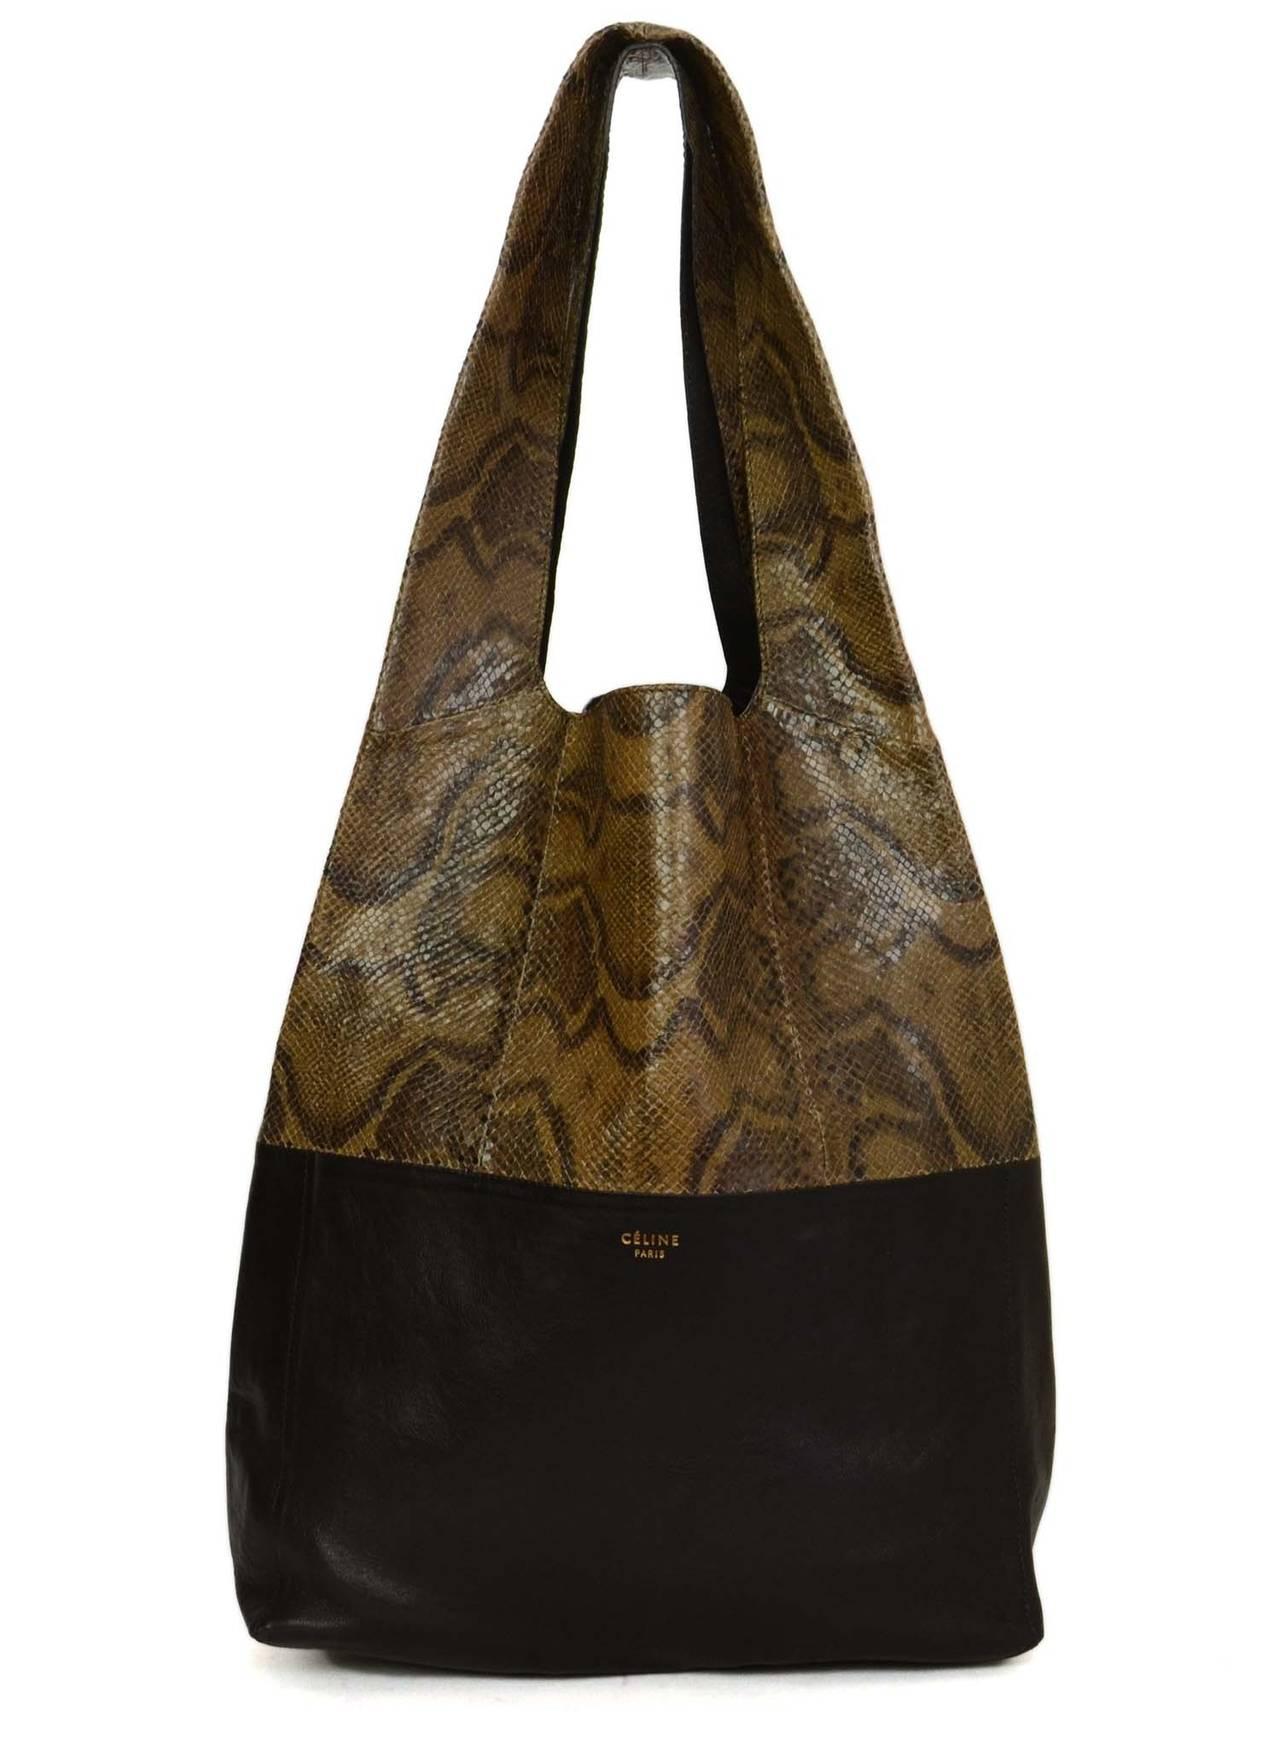 CELINE Brown/Black Snakeskin and Leather Cabas Tote Bag at 1stdibs